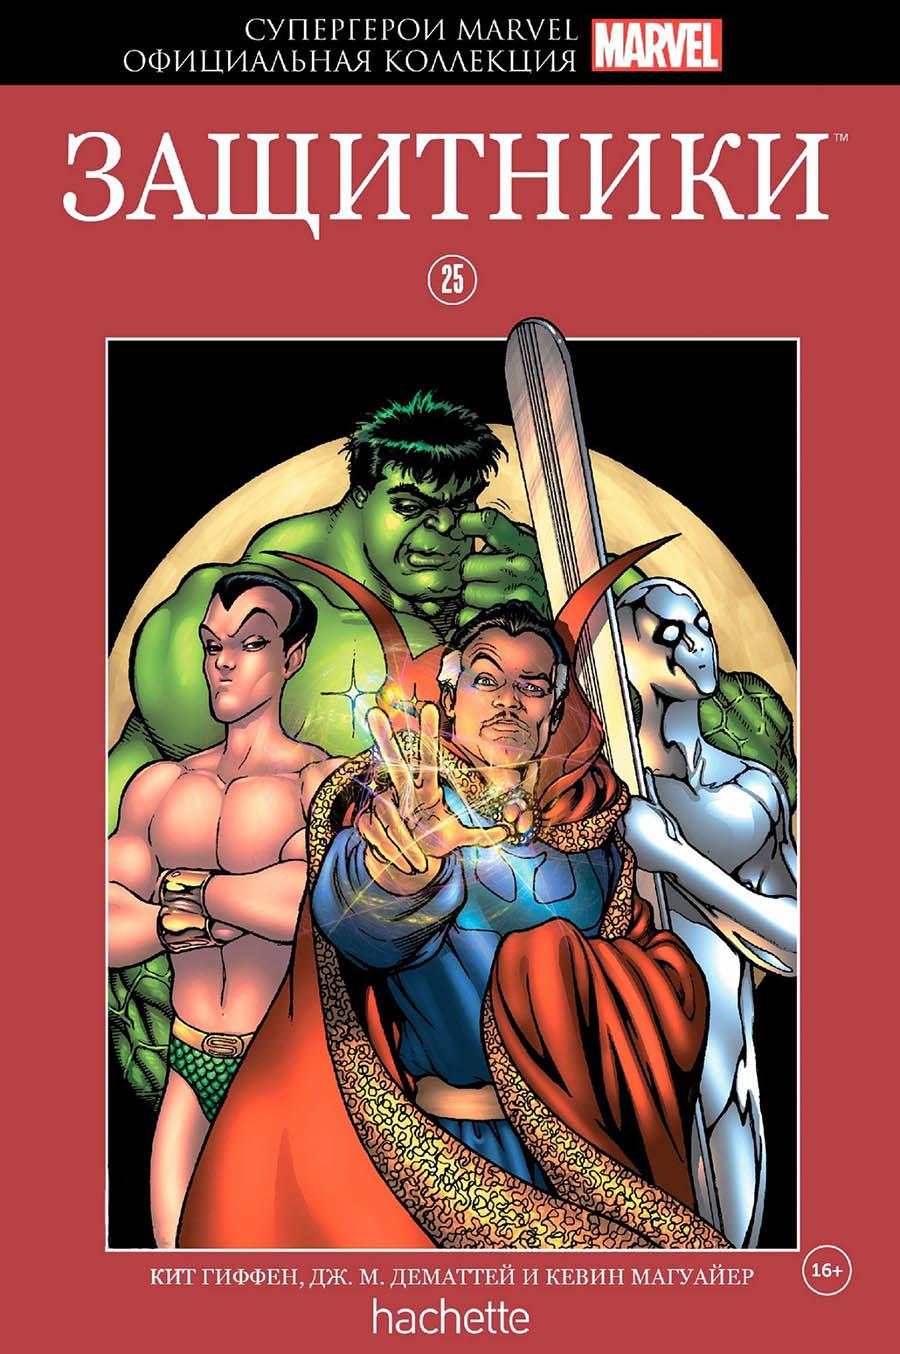 Hachette Официальная коллекция комиксов Супергерои Marvel: Защитники. Том 25 фото